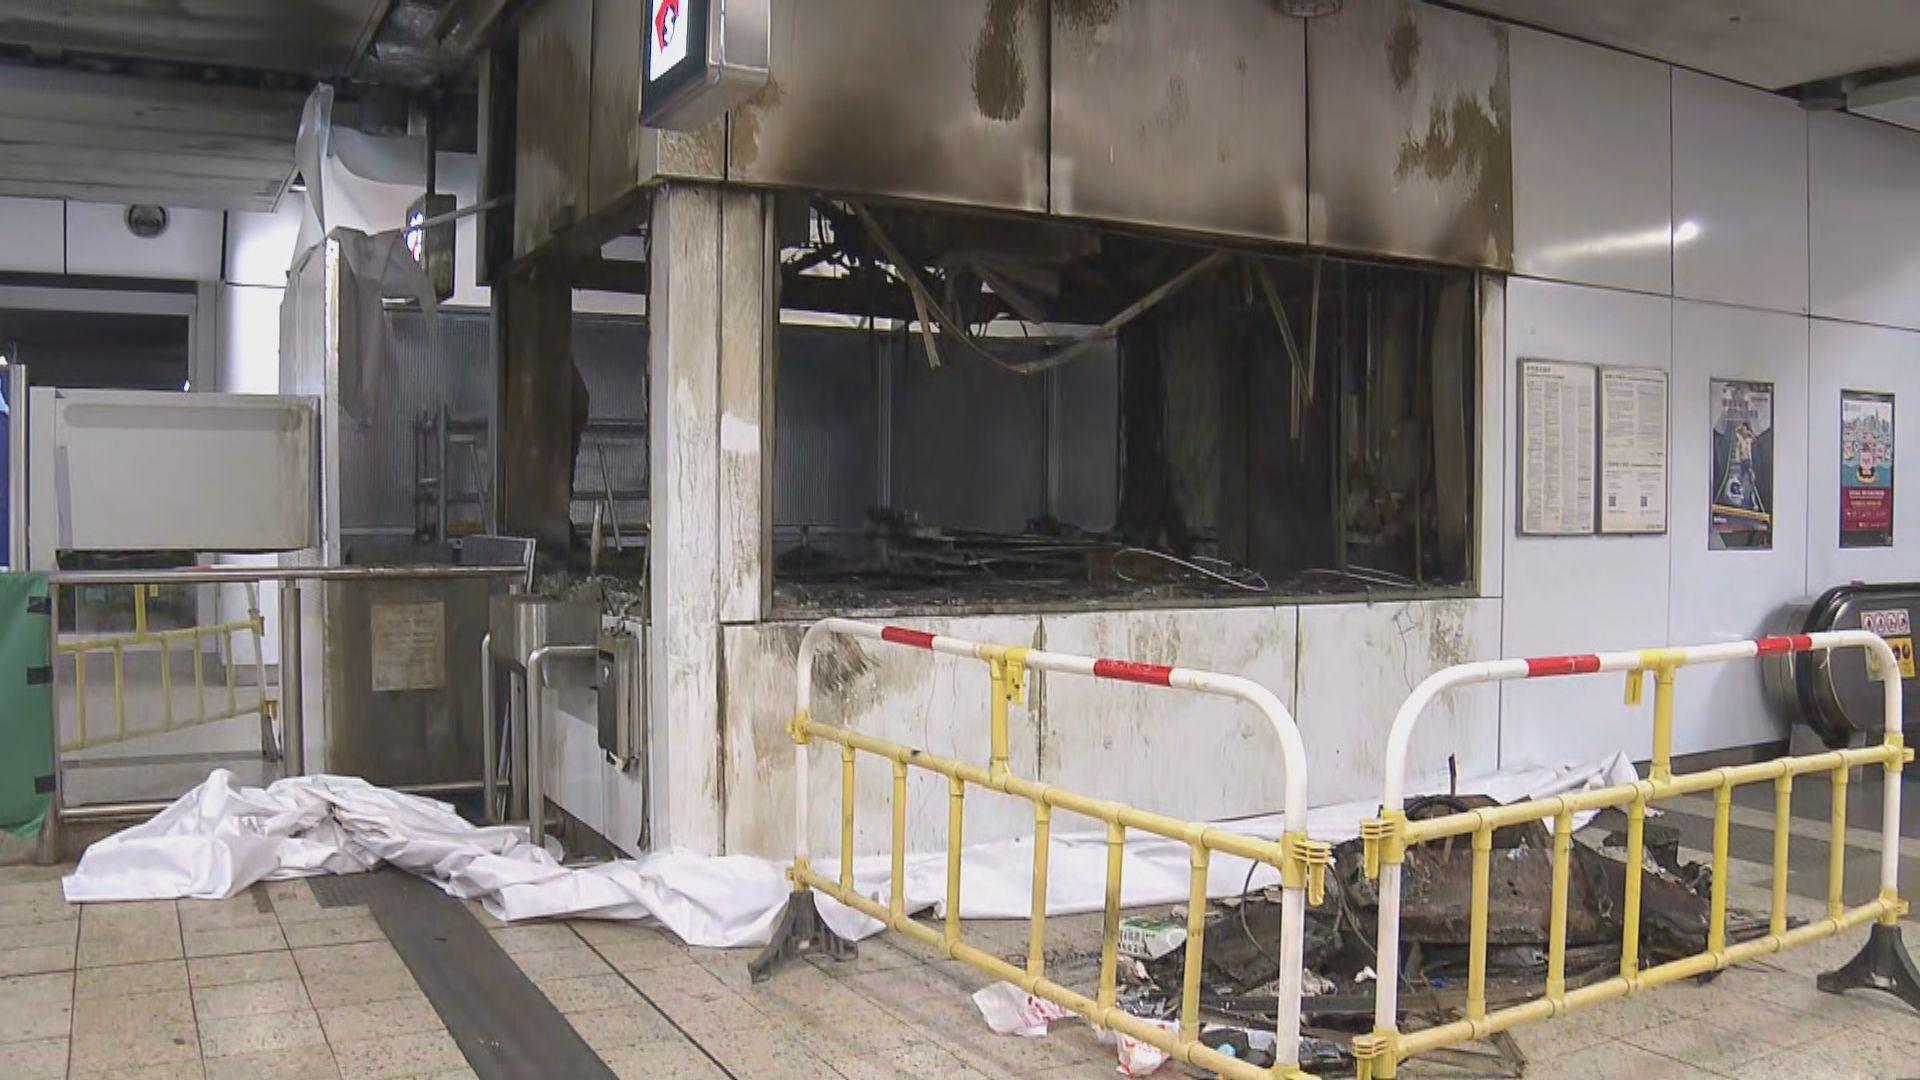 港鐵安排傳媒拍攝旺角及觀塘站損毀情況